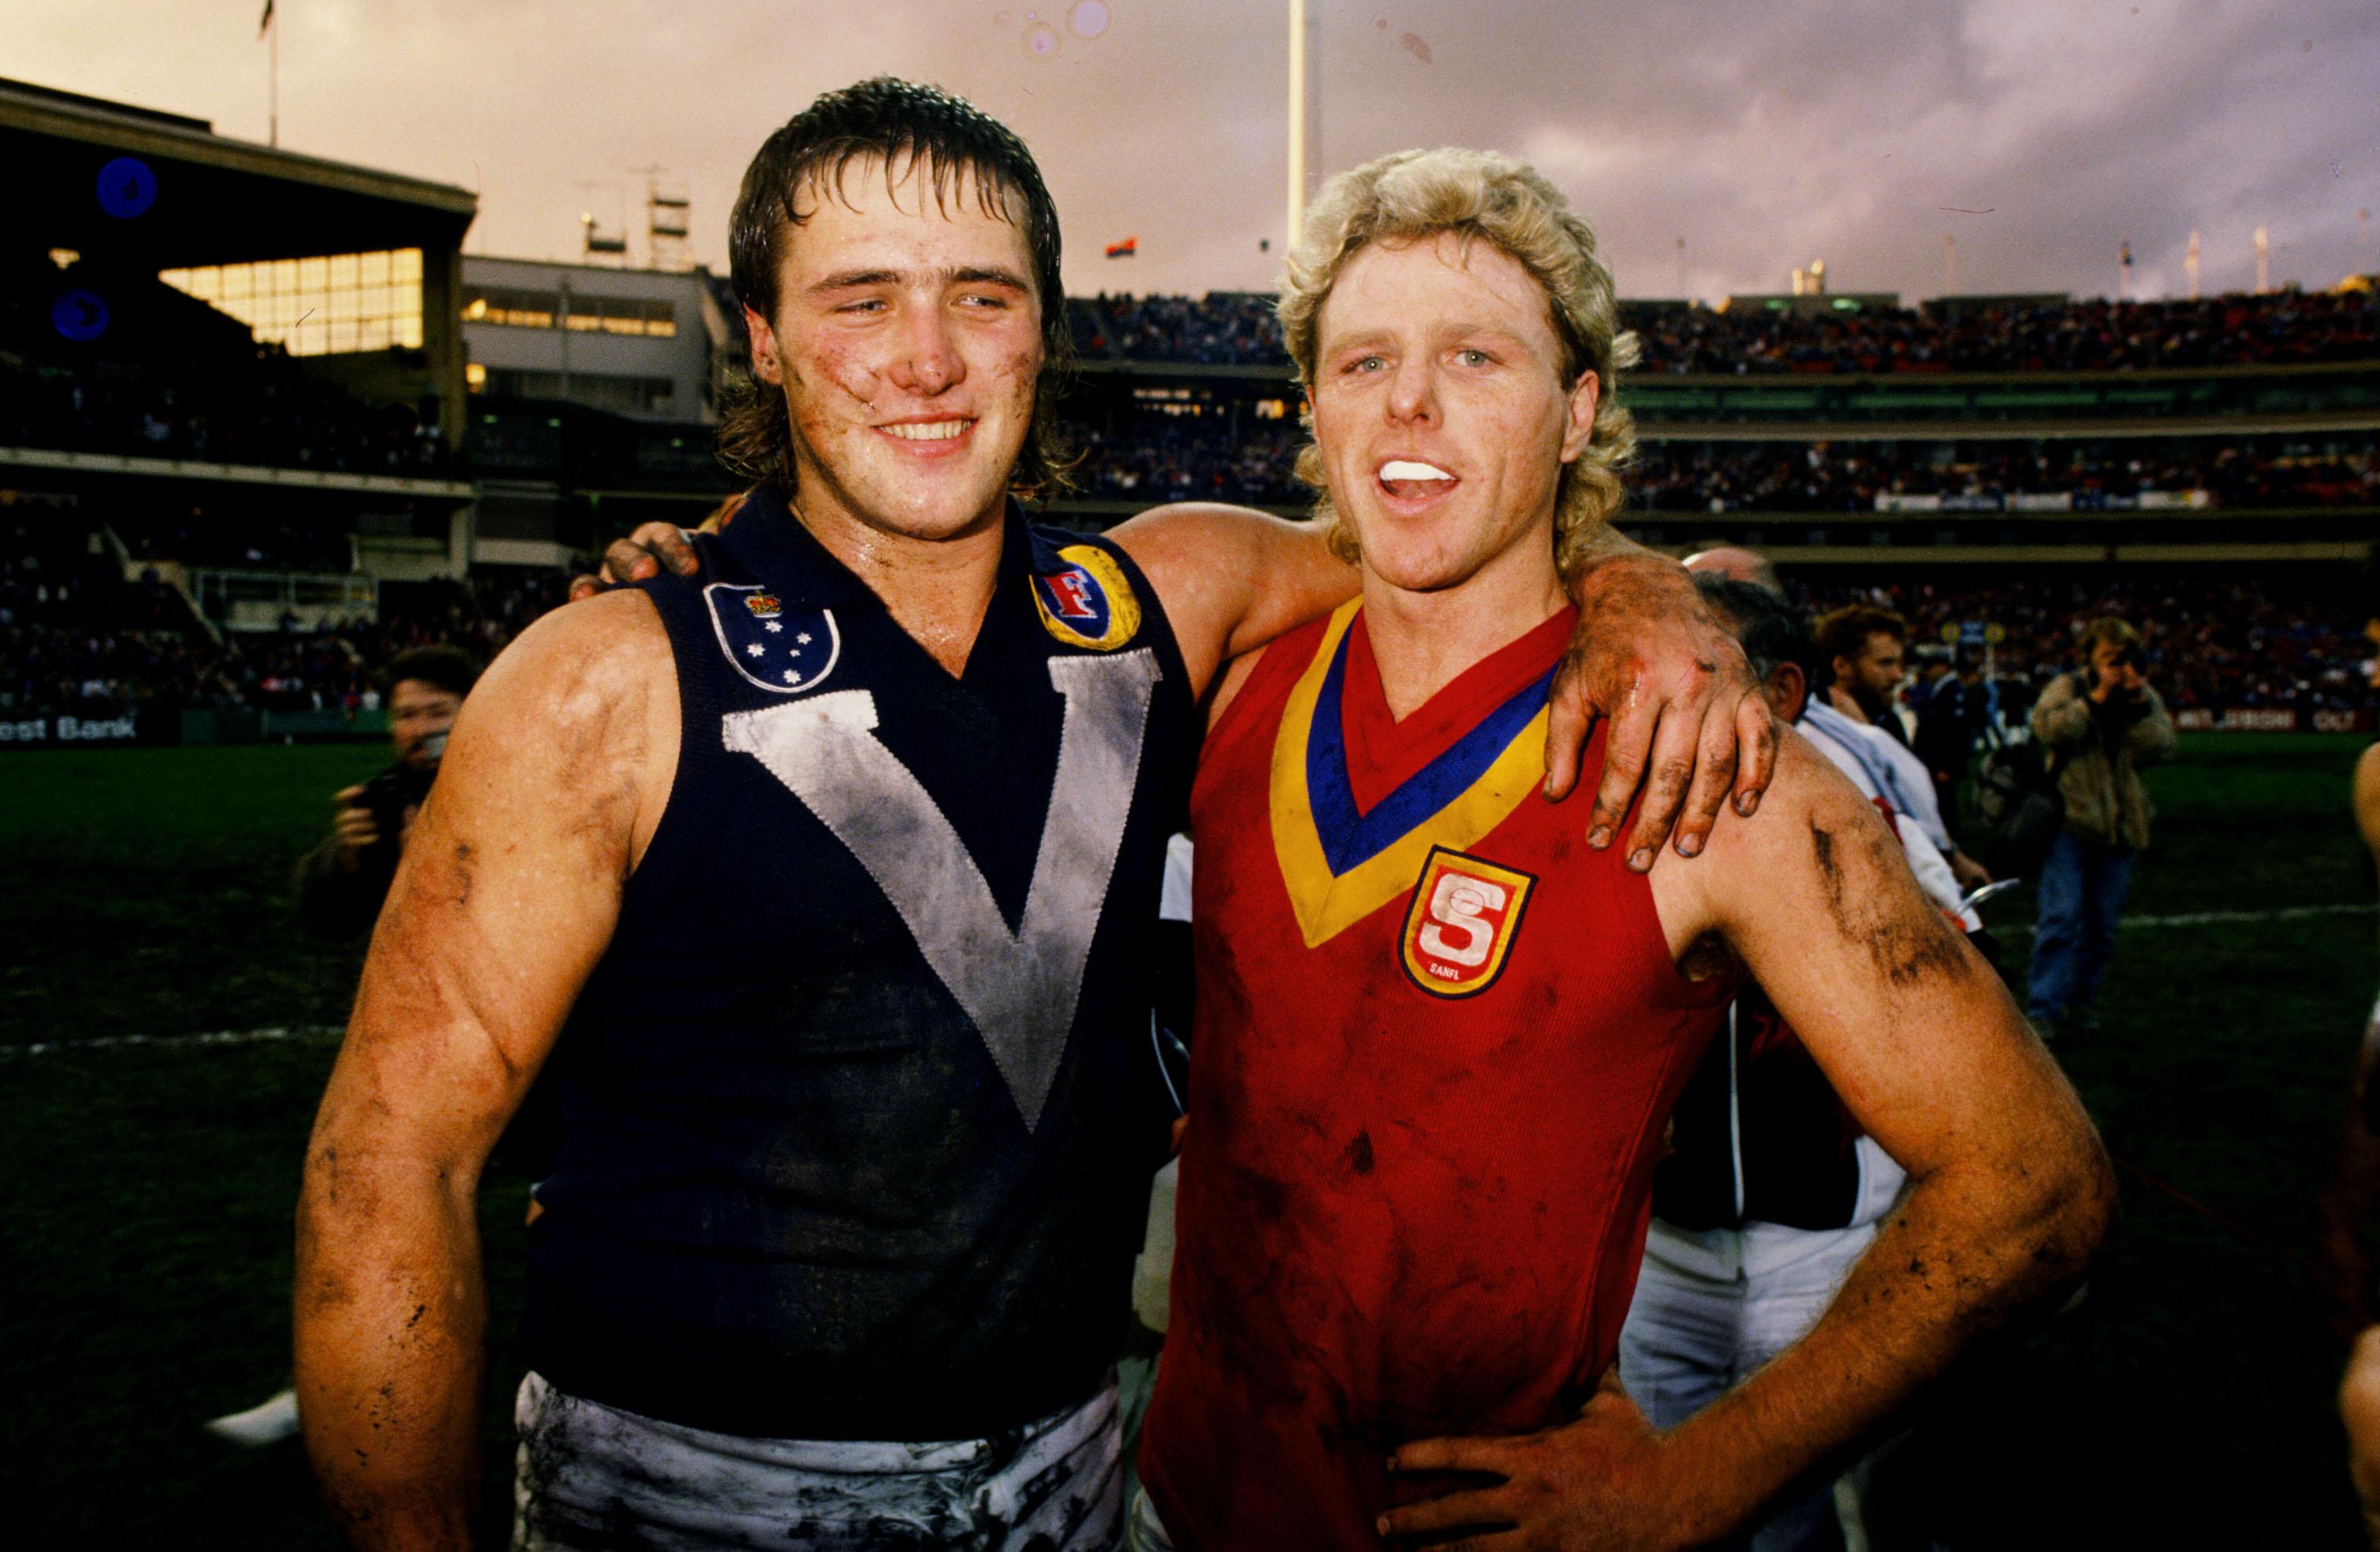 VFL 1989 State of Origin Match - Victoria v South Australia